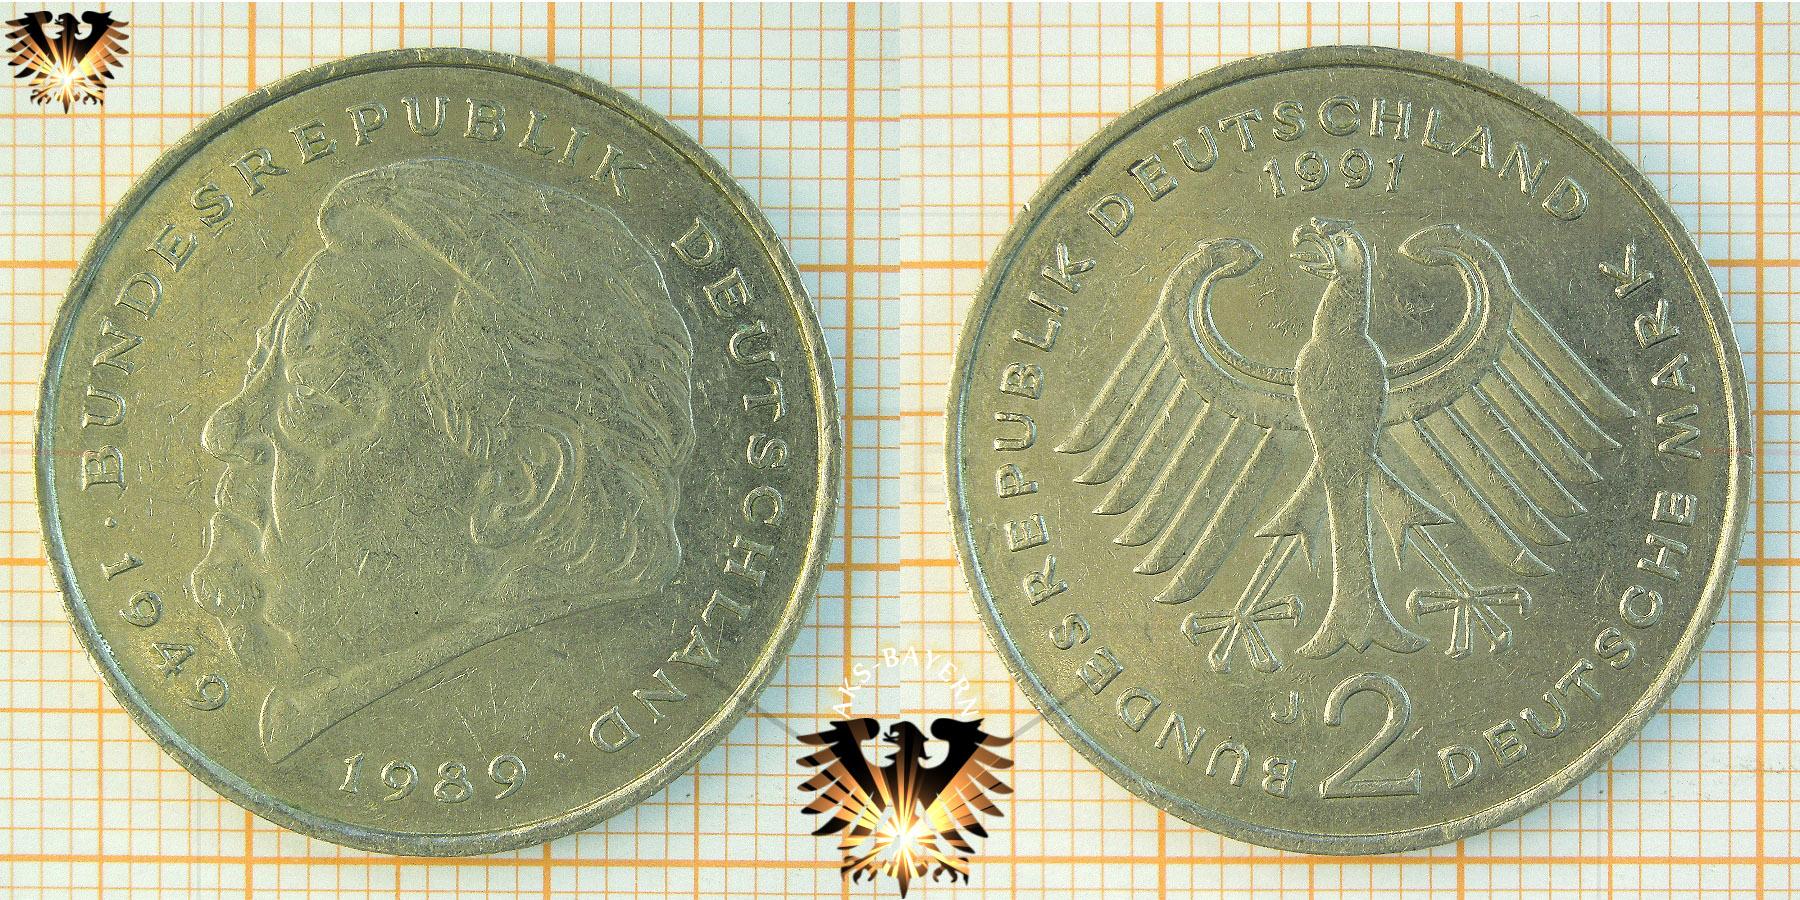 2 Dm Brd Franz Josef Strauß 1949 Bundesrepublik Deutschland 1989